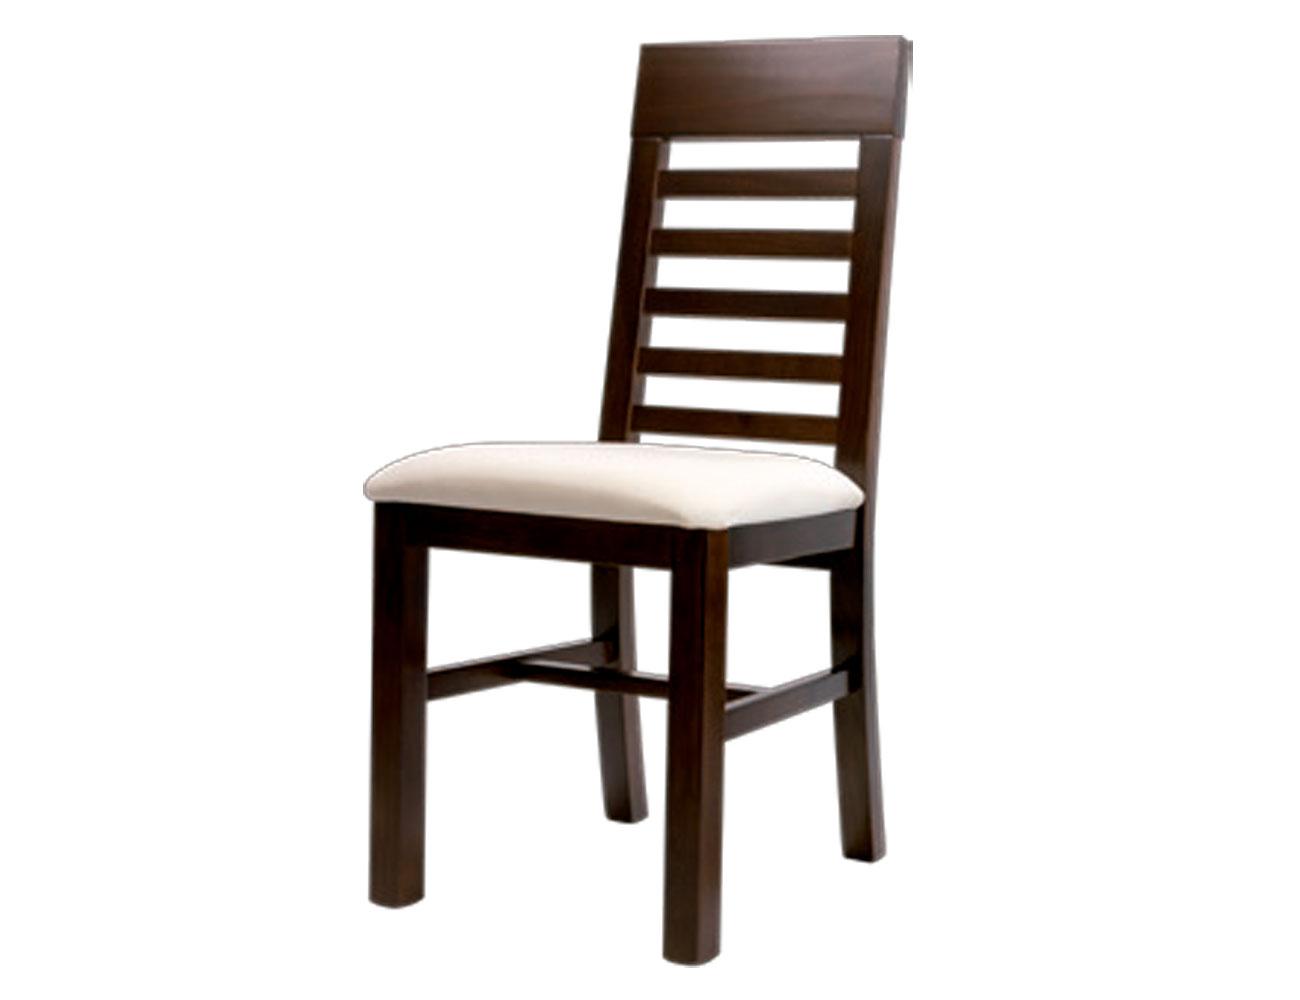 C0 54 silla madera1